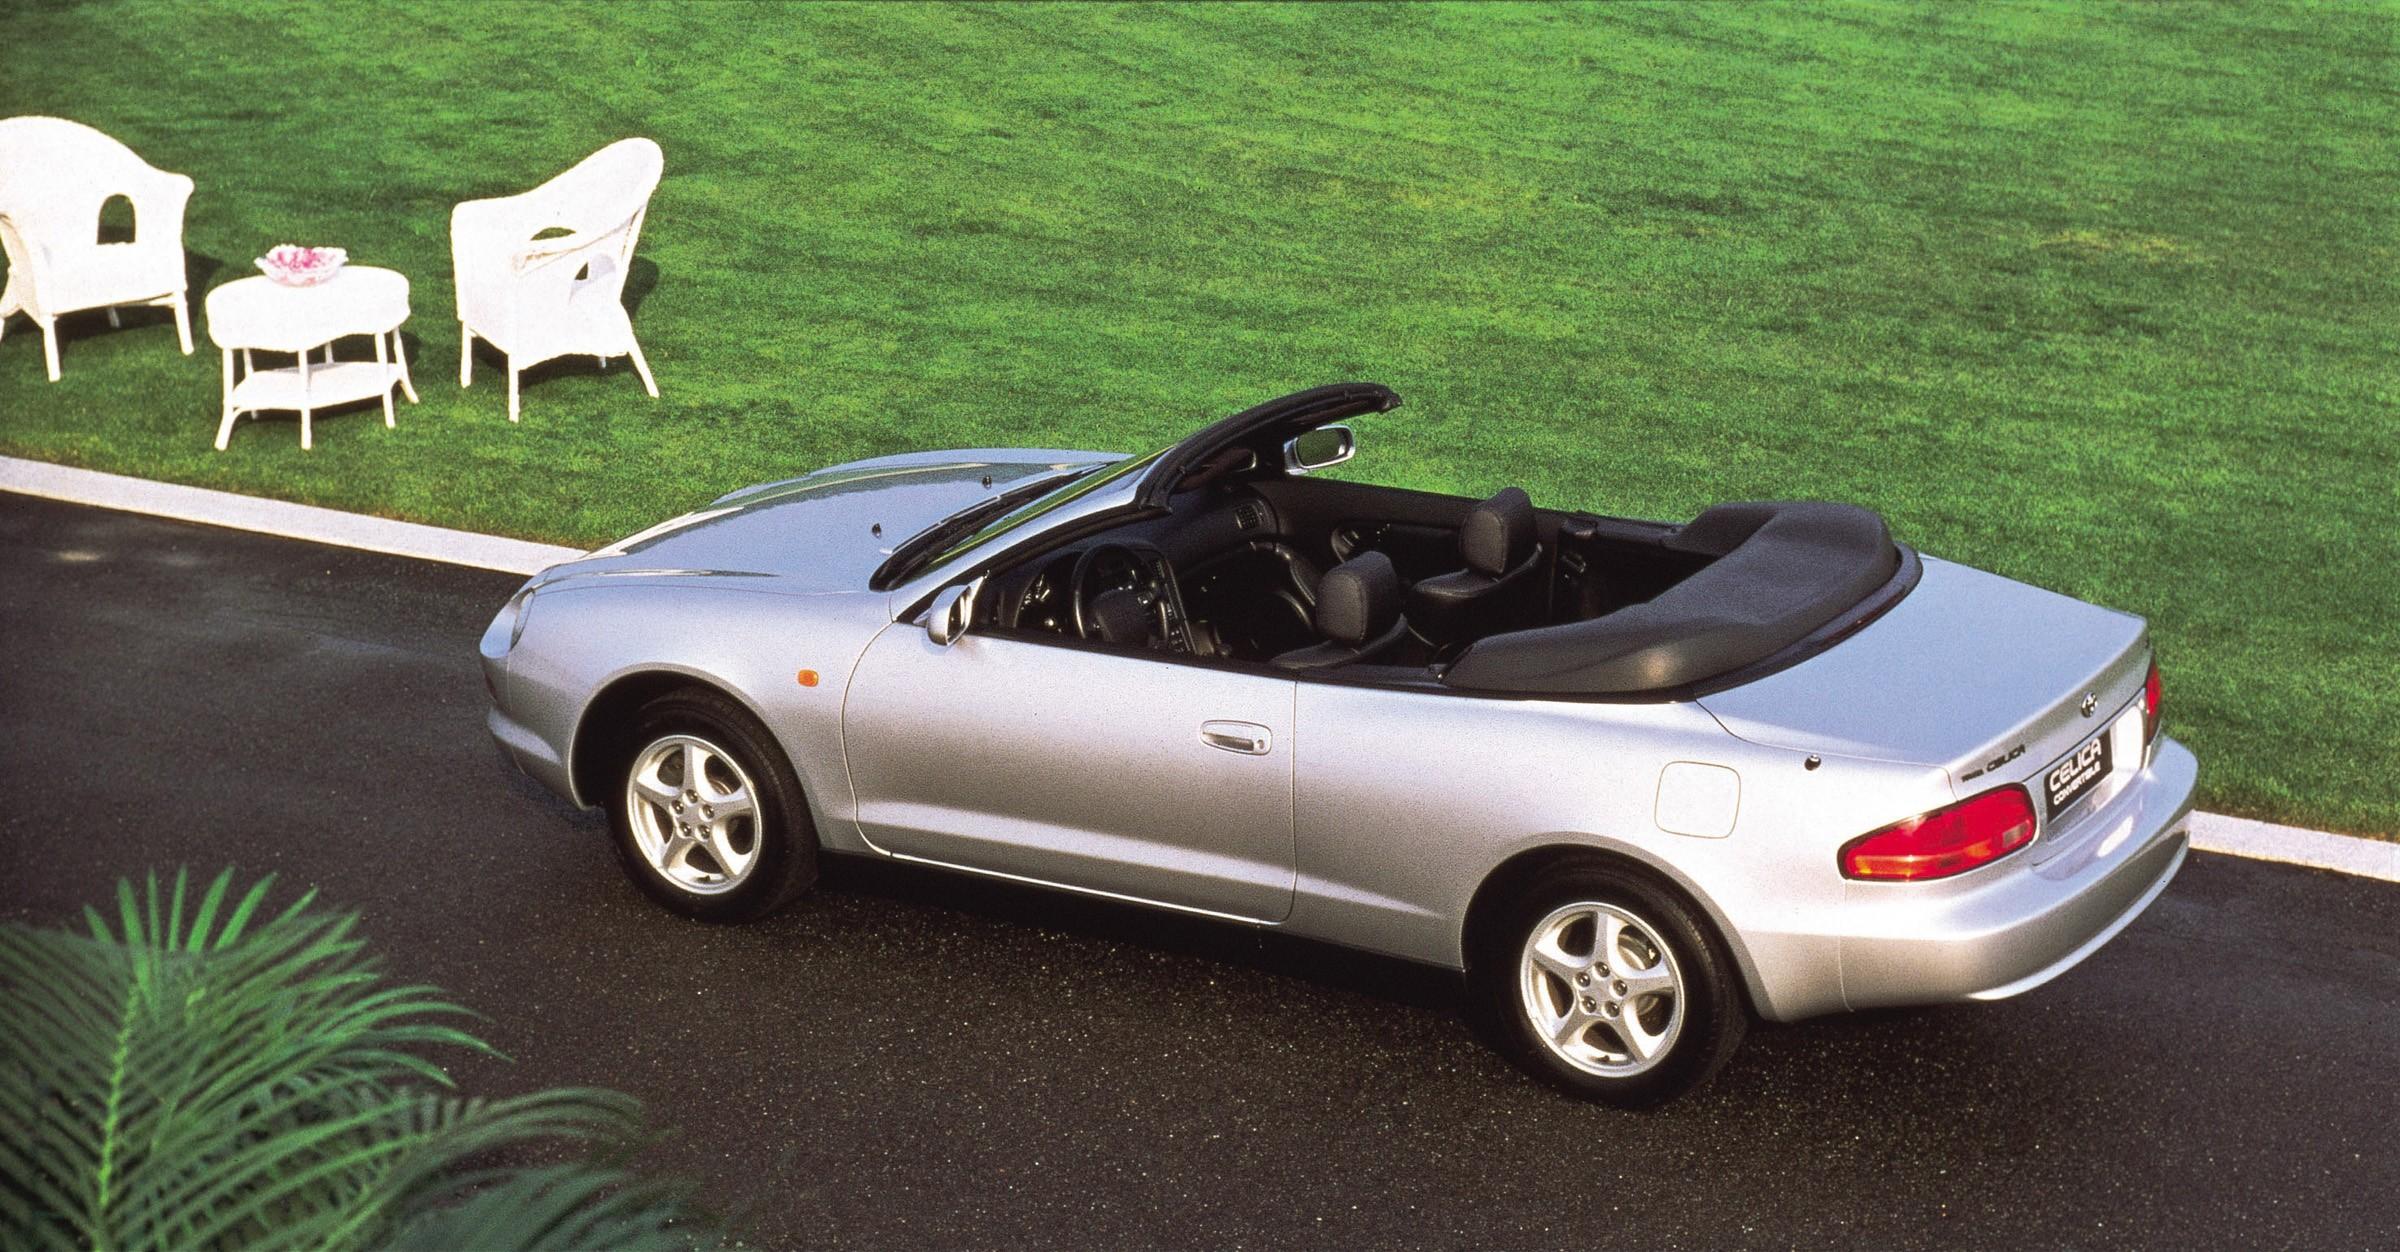 TOYOTA Celica Convertible specs & photos - 1995, 1996 ...